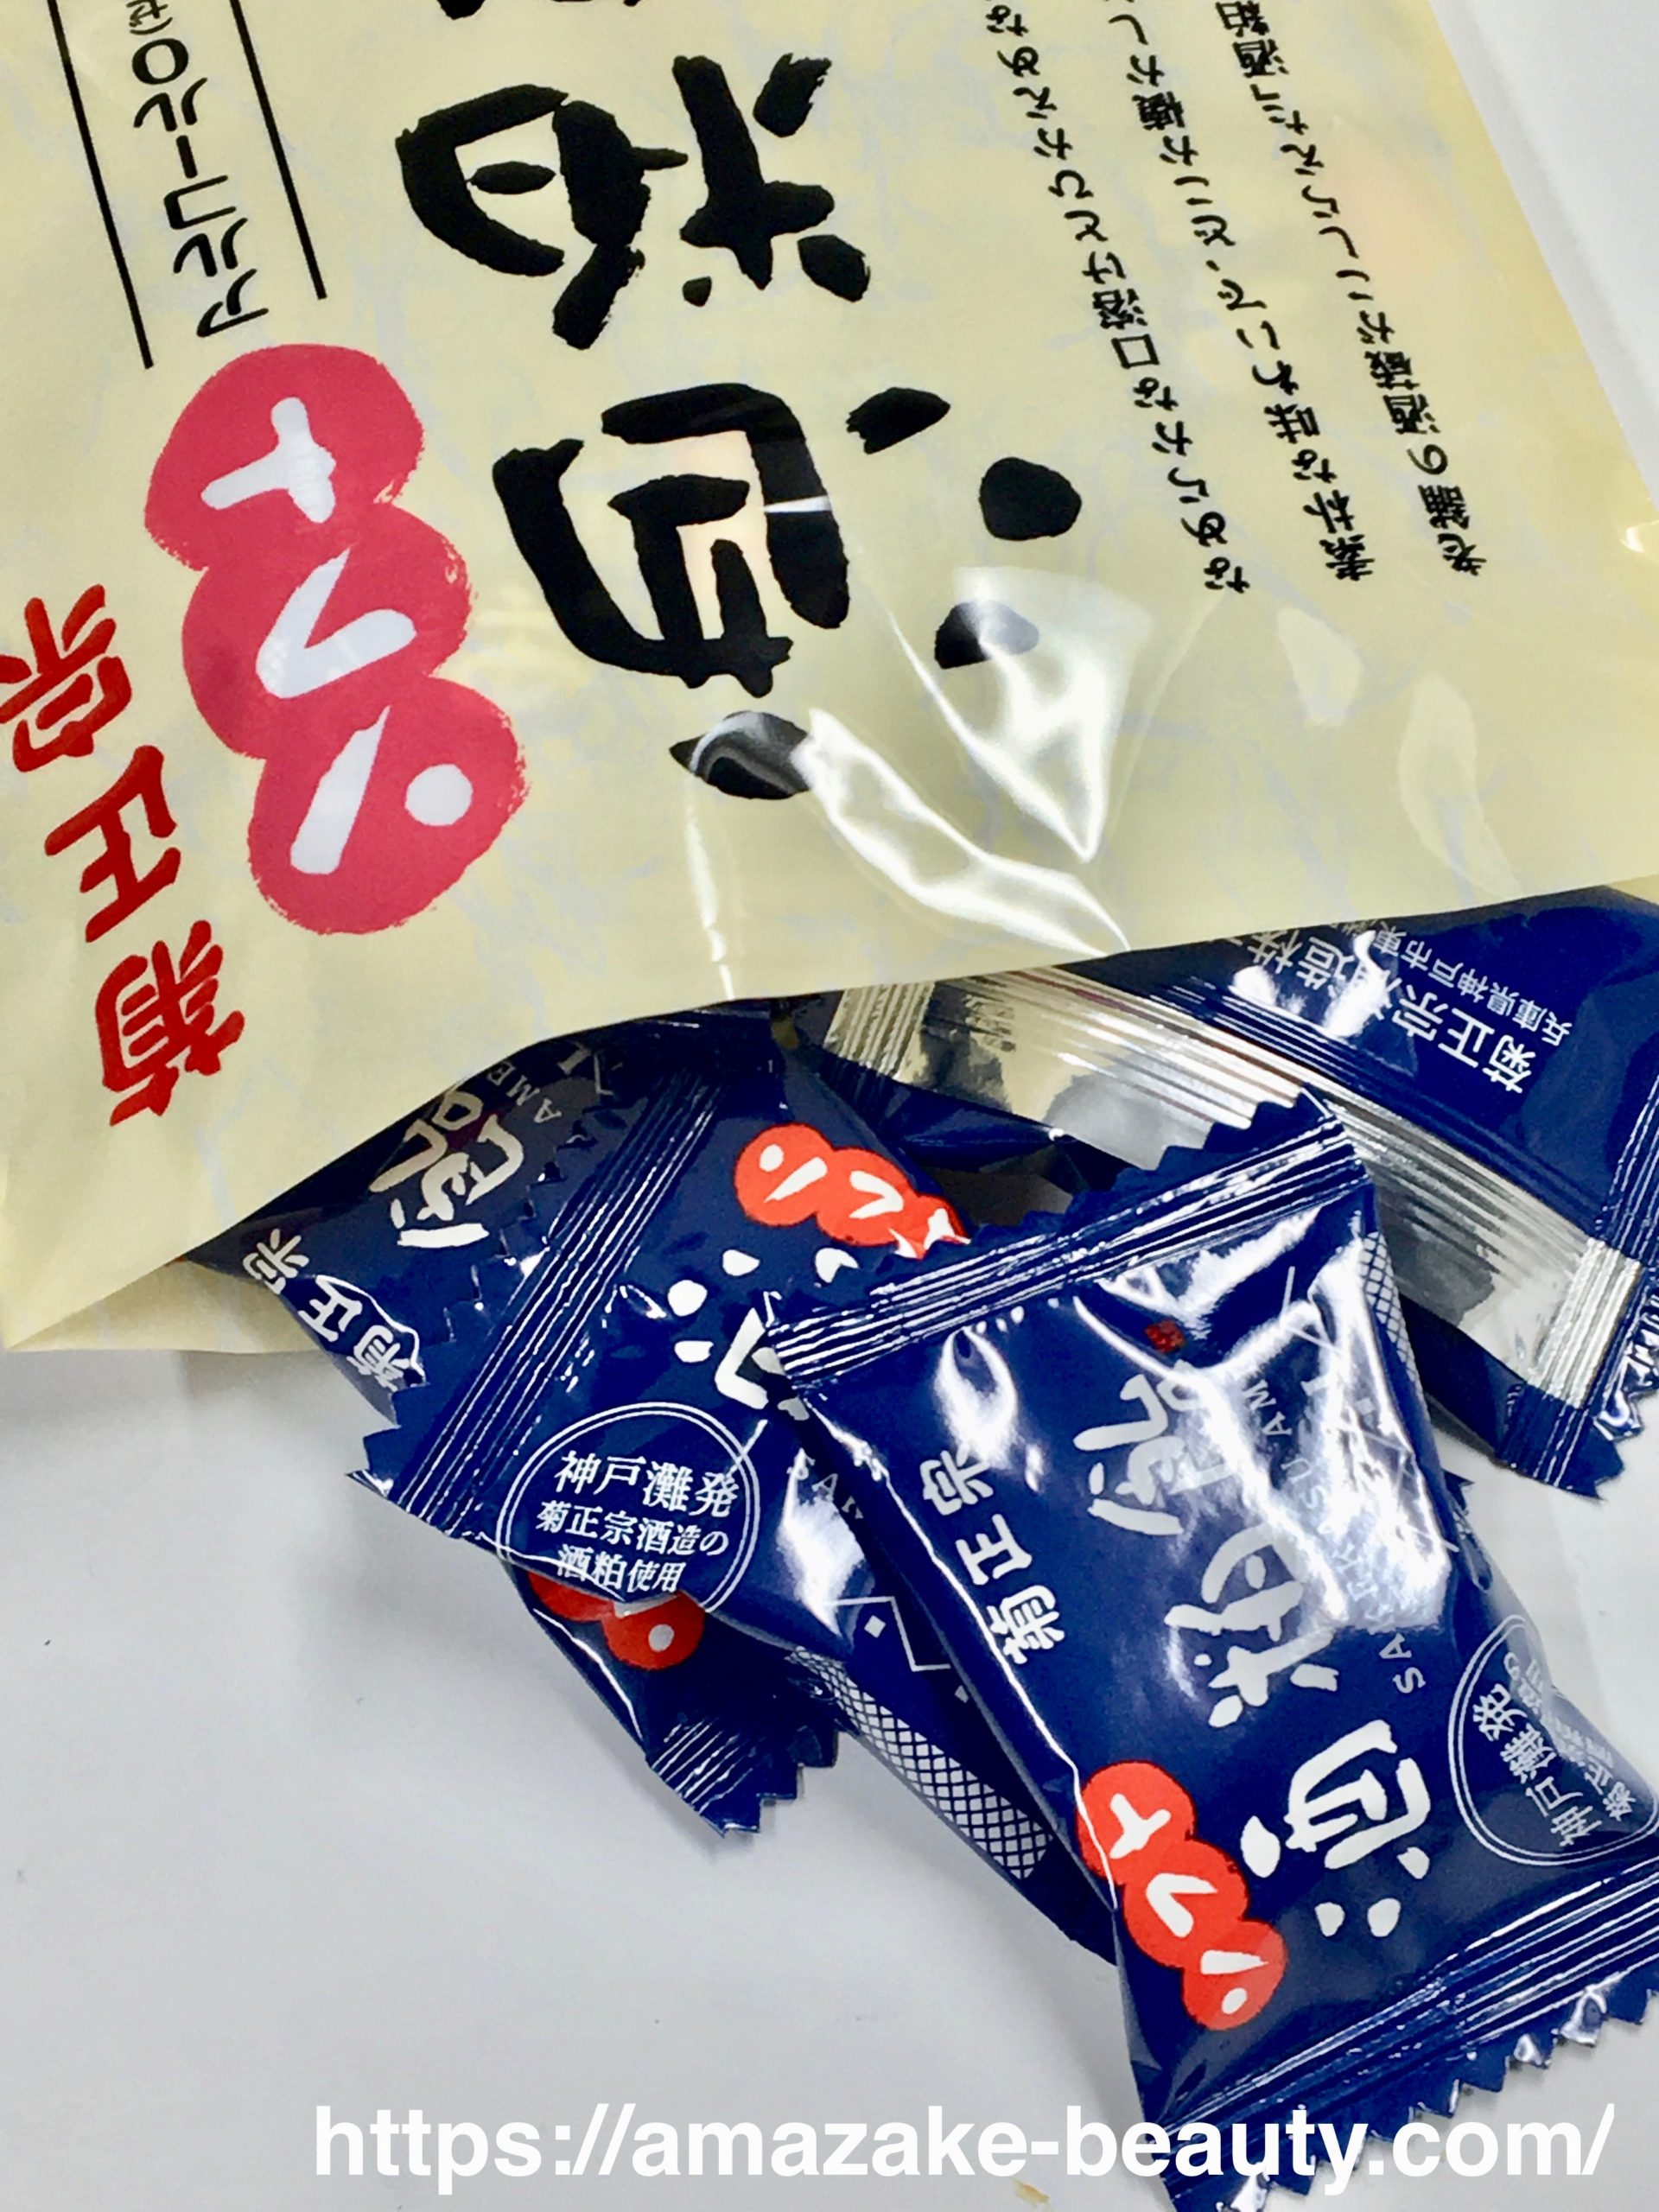 【甘酒甘味】菊正宗『ソフト酒粕飴』(パッケージの中身)